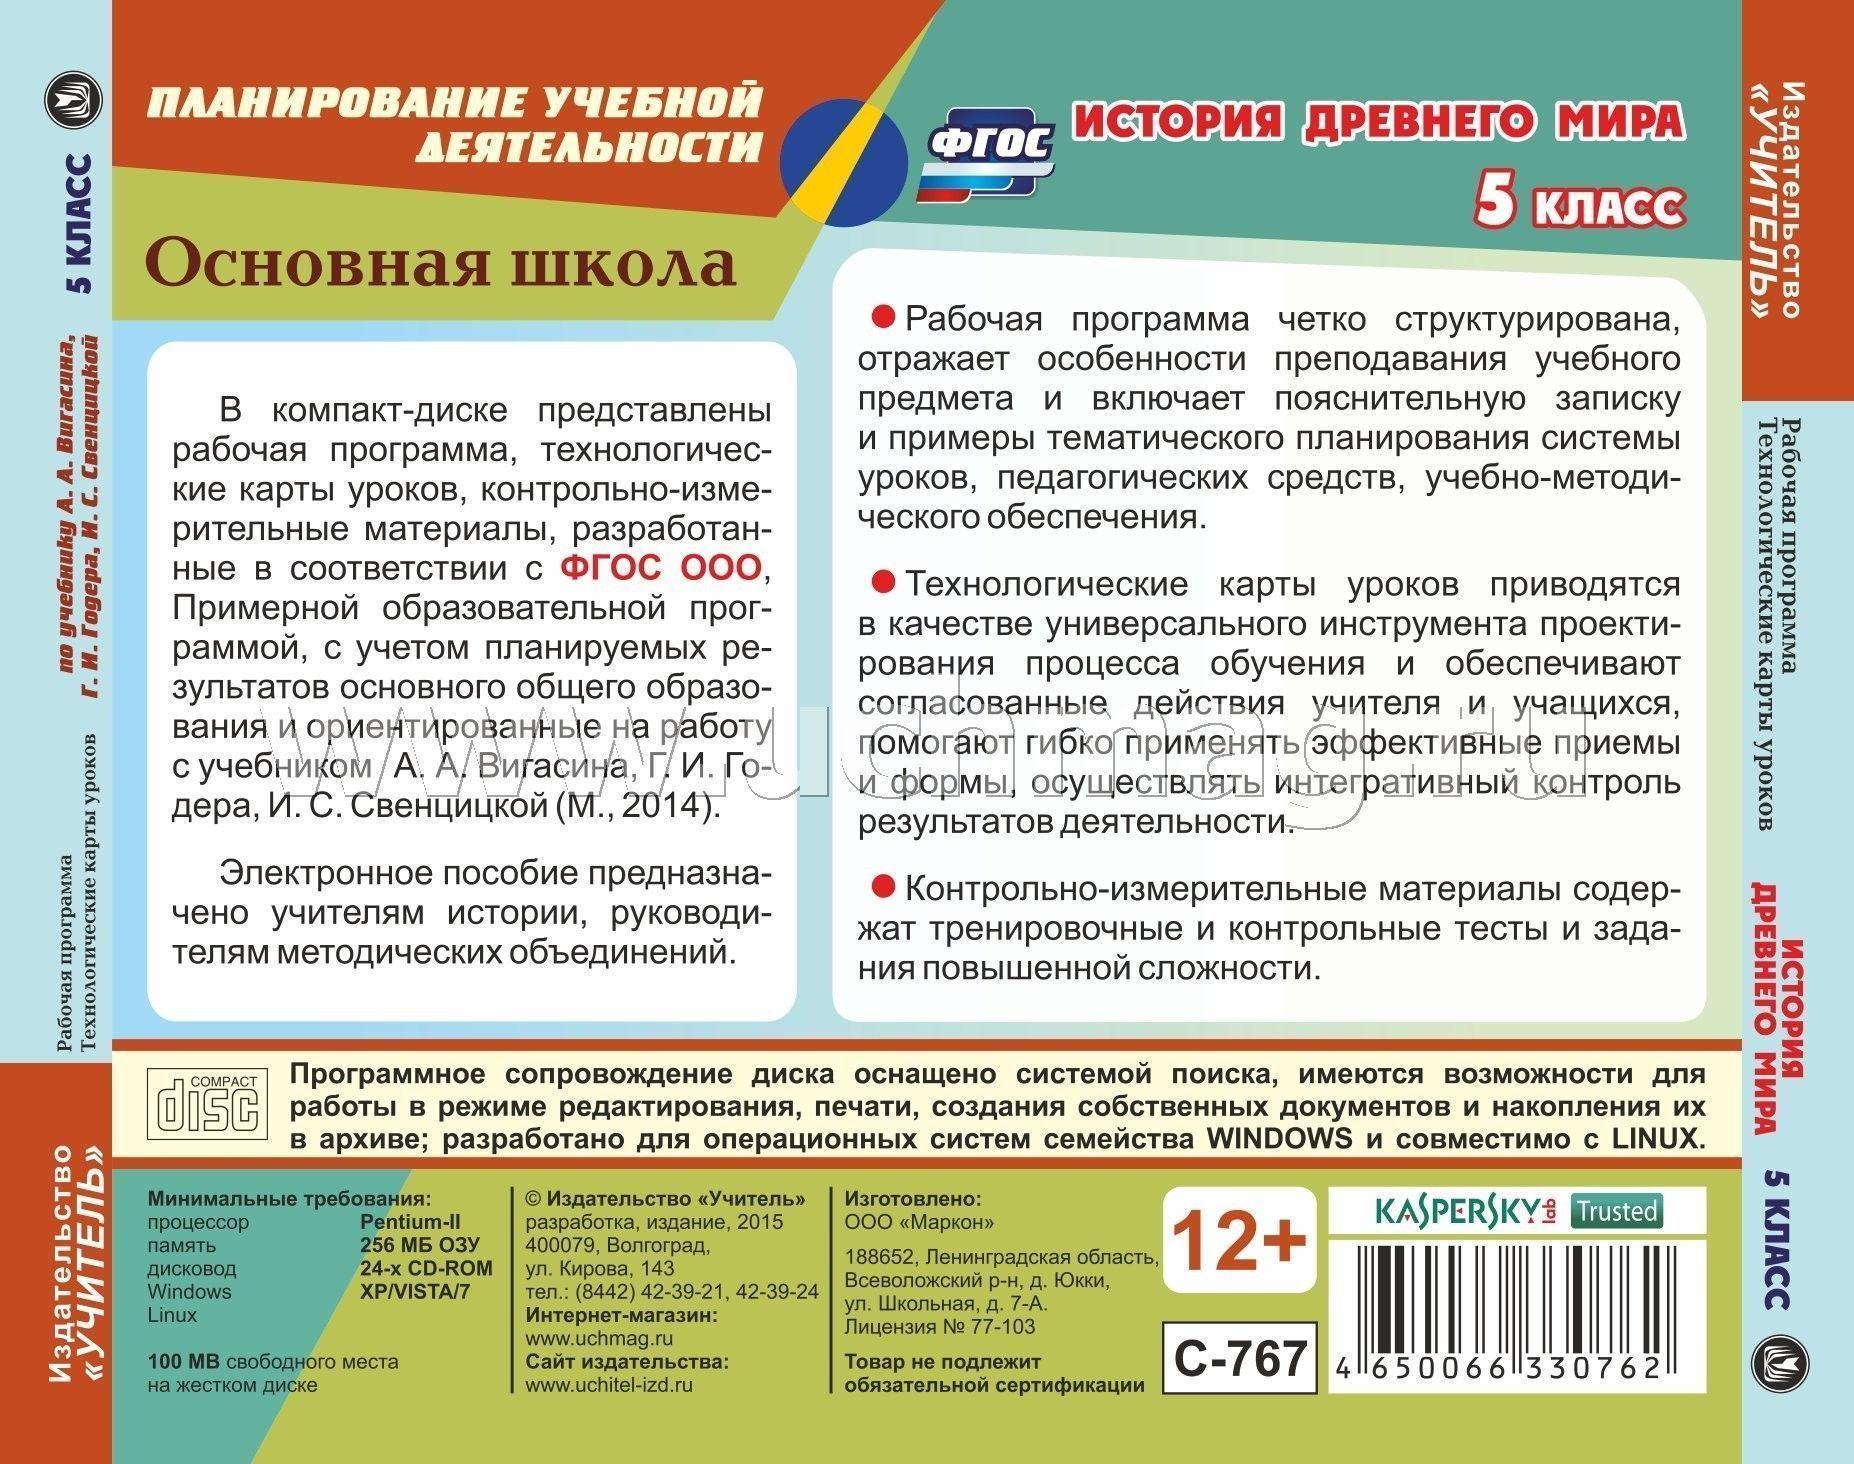 Решебник по математике 4 класс т.м чеботаревская в.л дрозд а.а столяр 1 часть